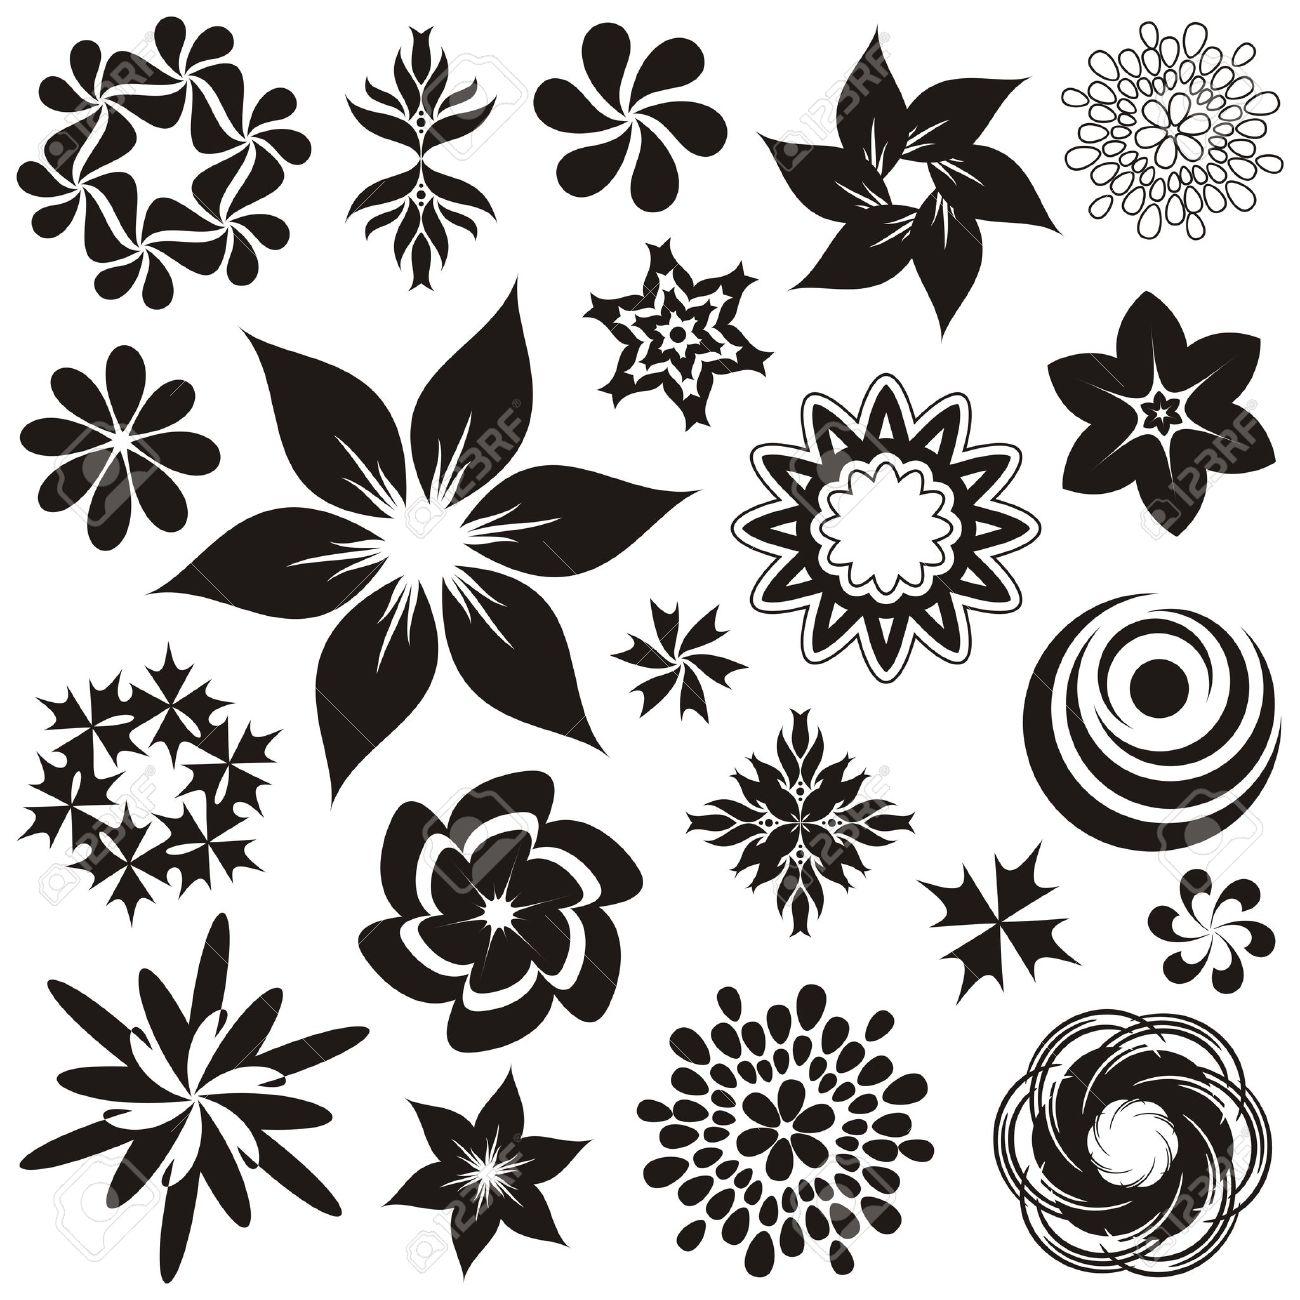 Conjunto De Smbolos Y Adornos De Flores En Blanco Y Negro Segundo